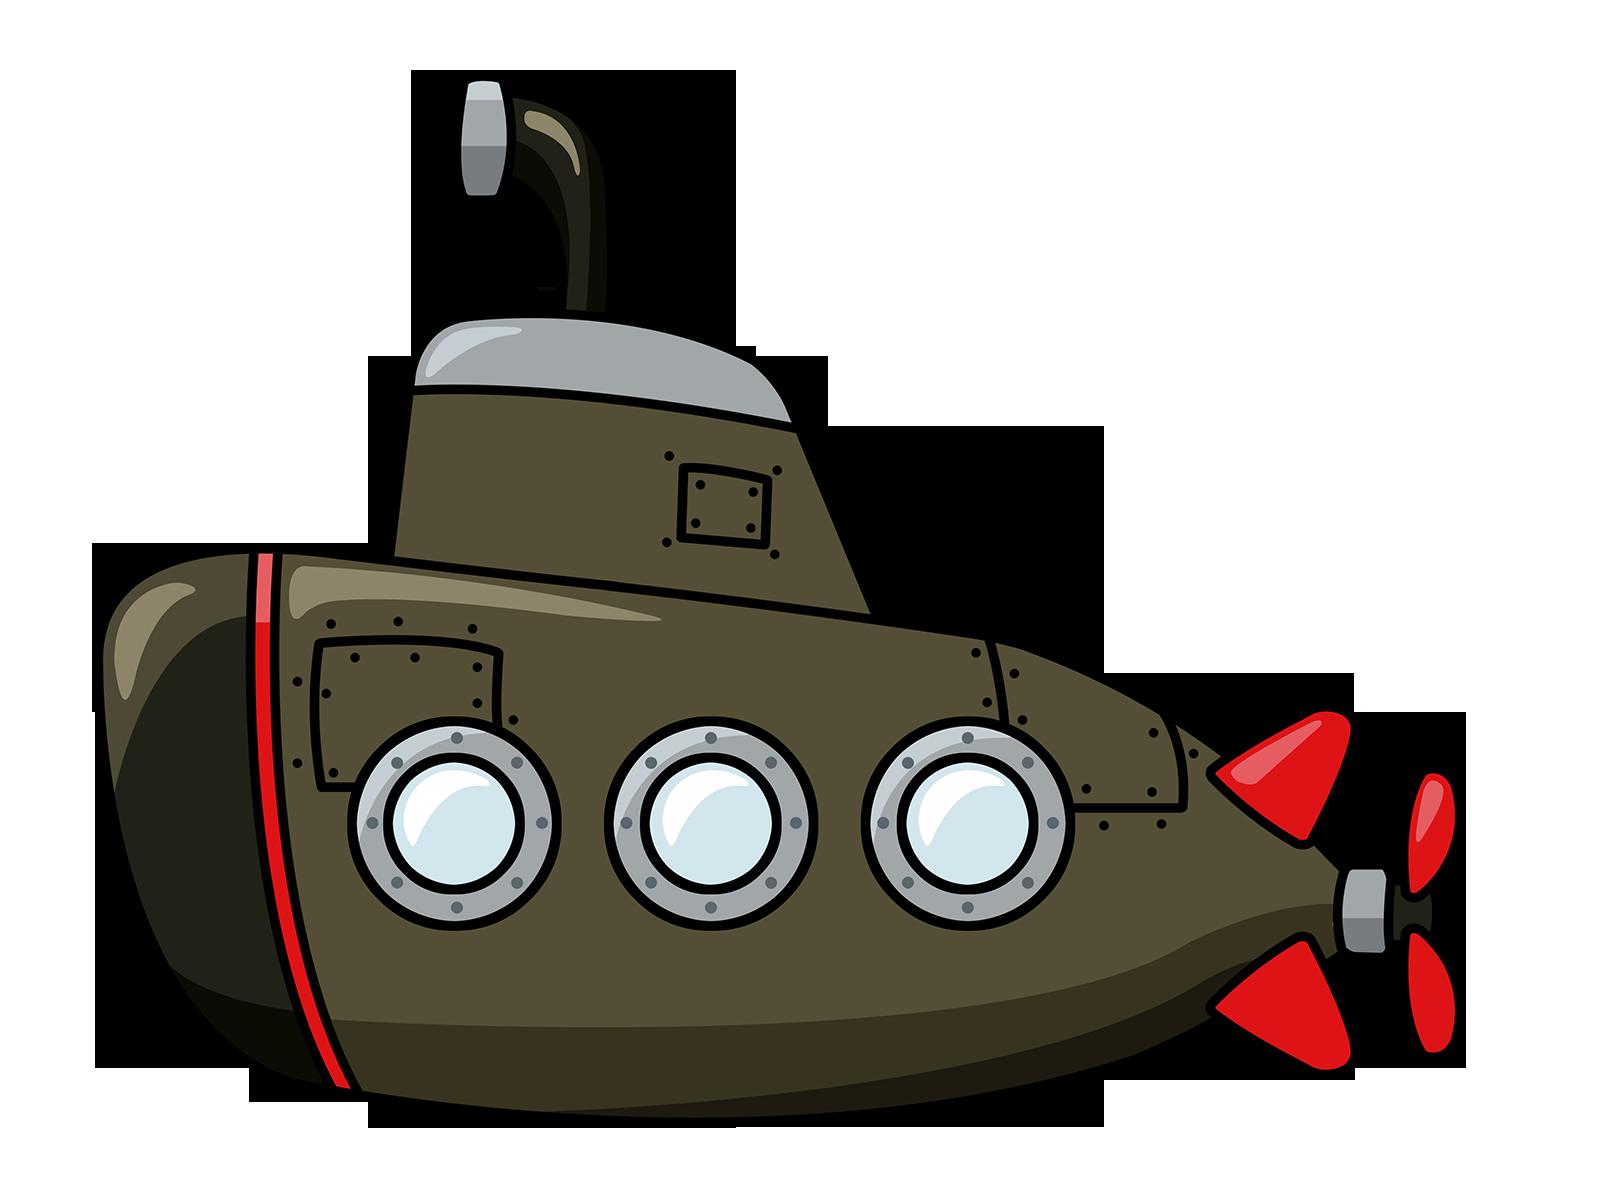 graphic free Submarine